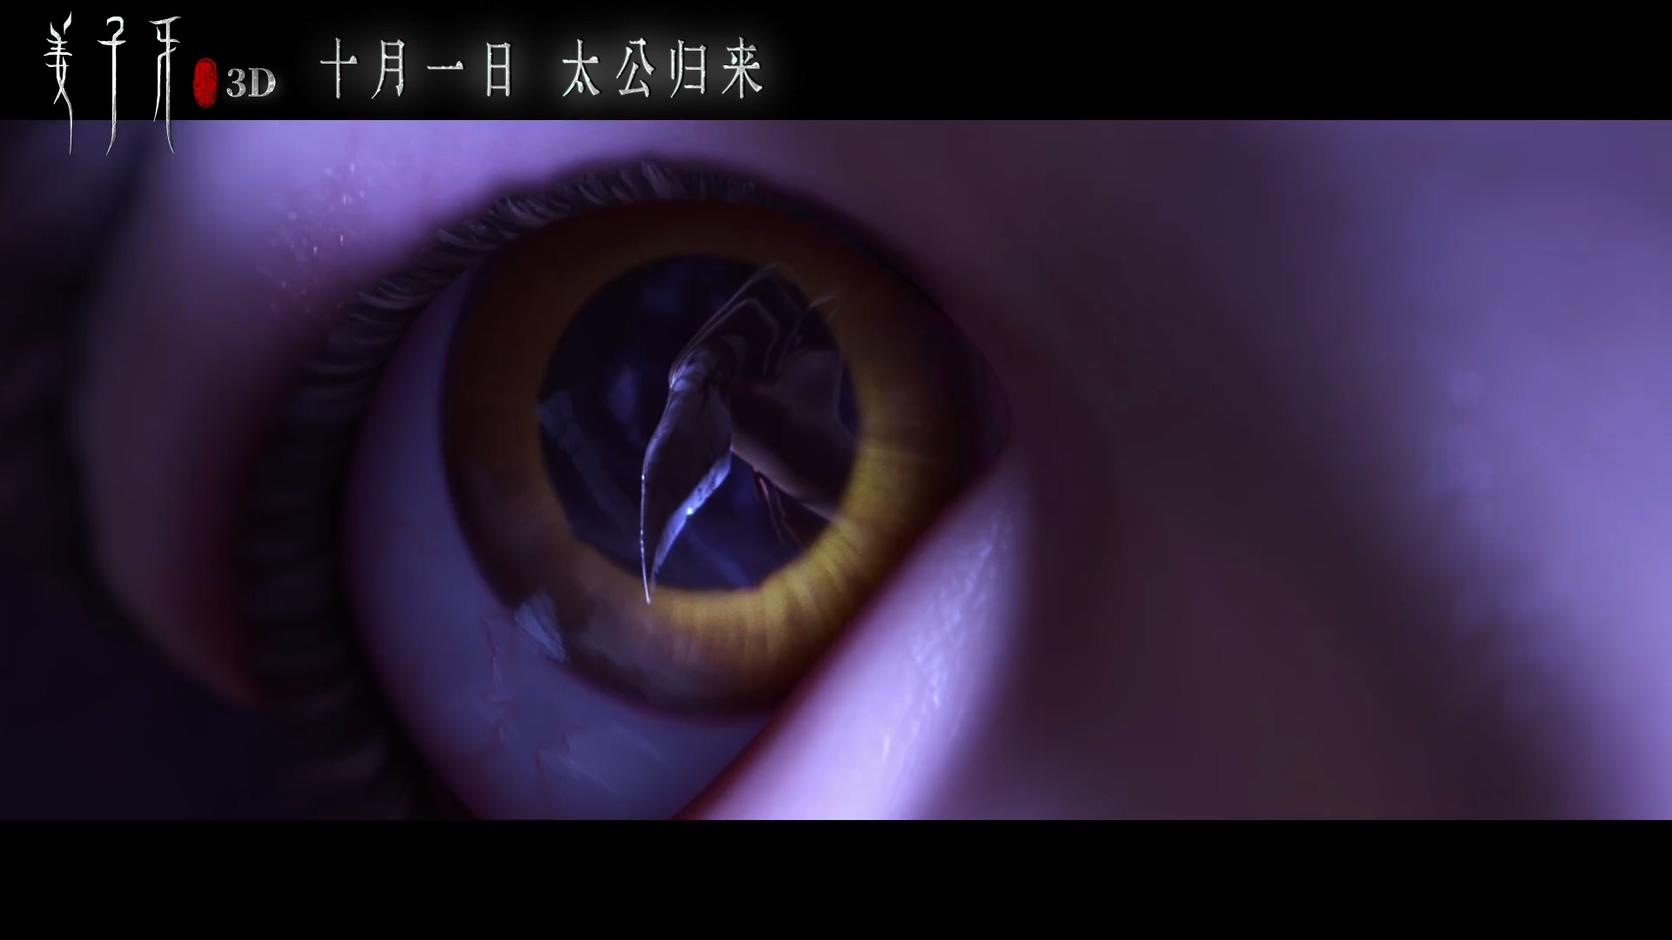 《姜子牙》曝新预告 苏妲己首次亮相、十一上映